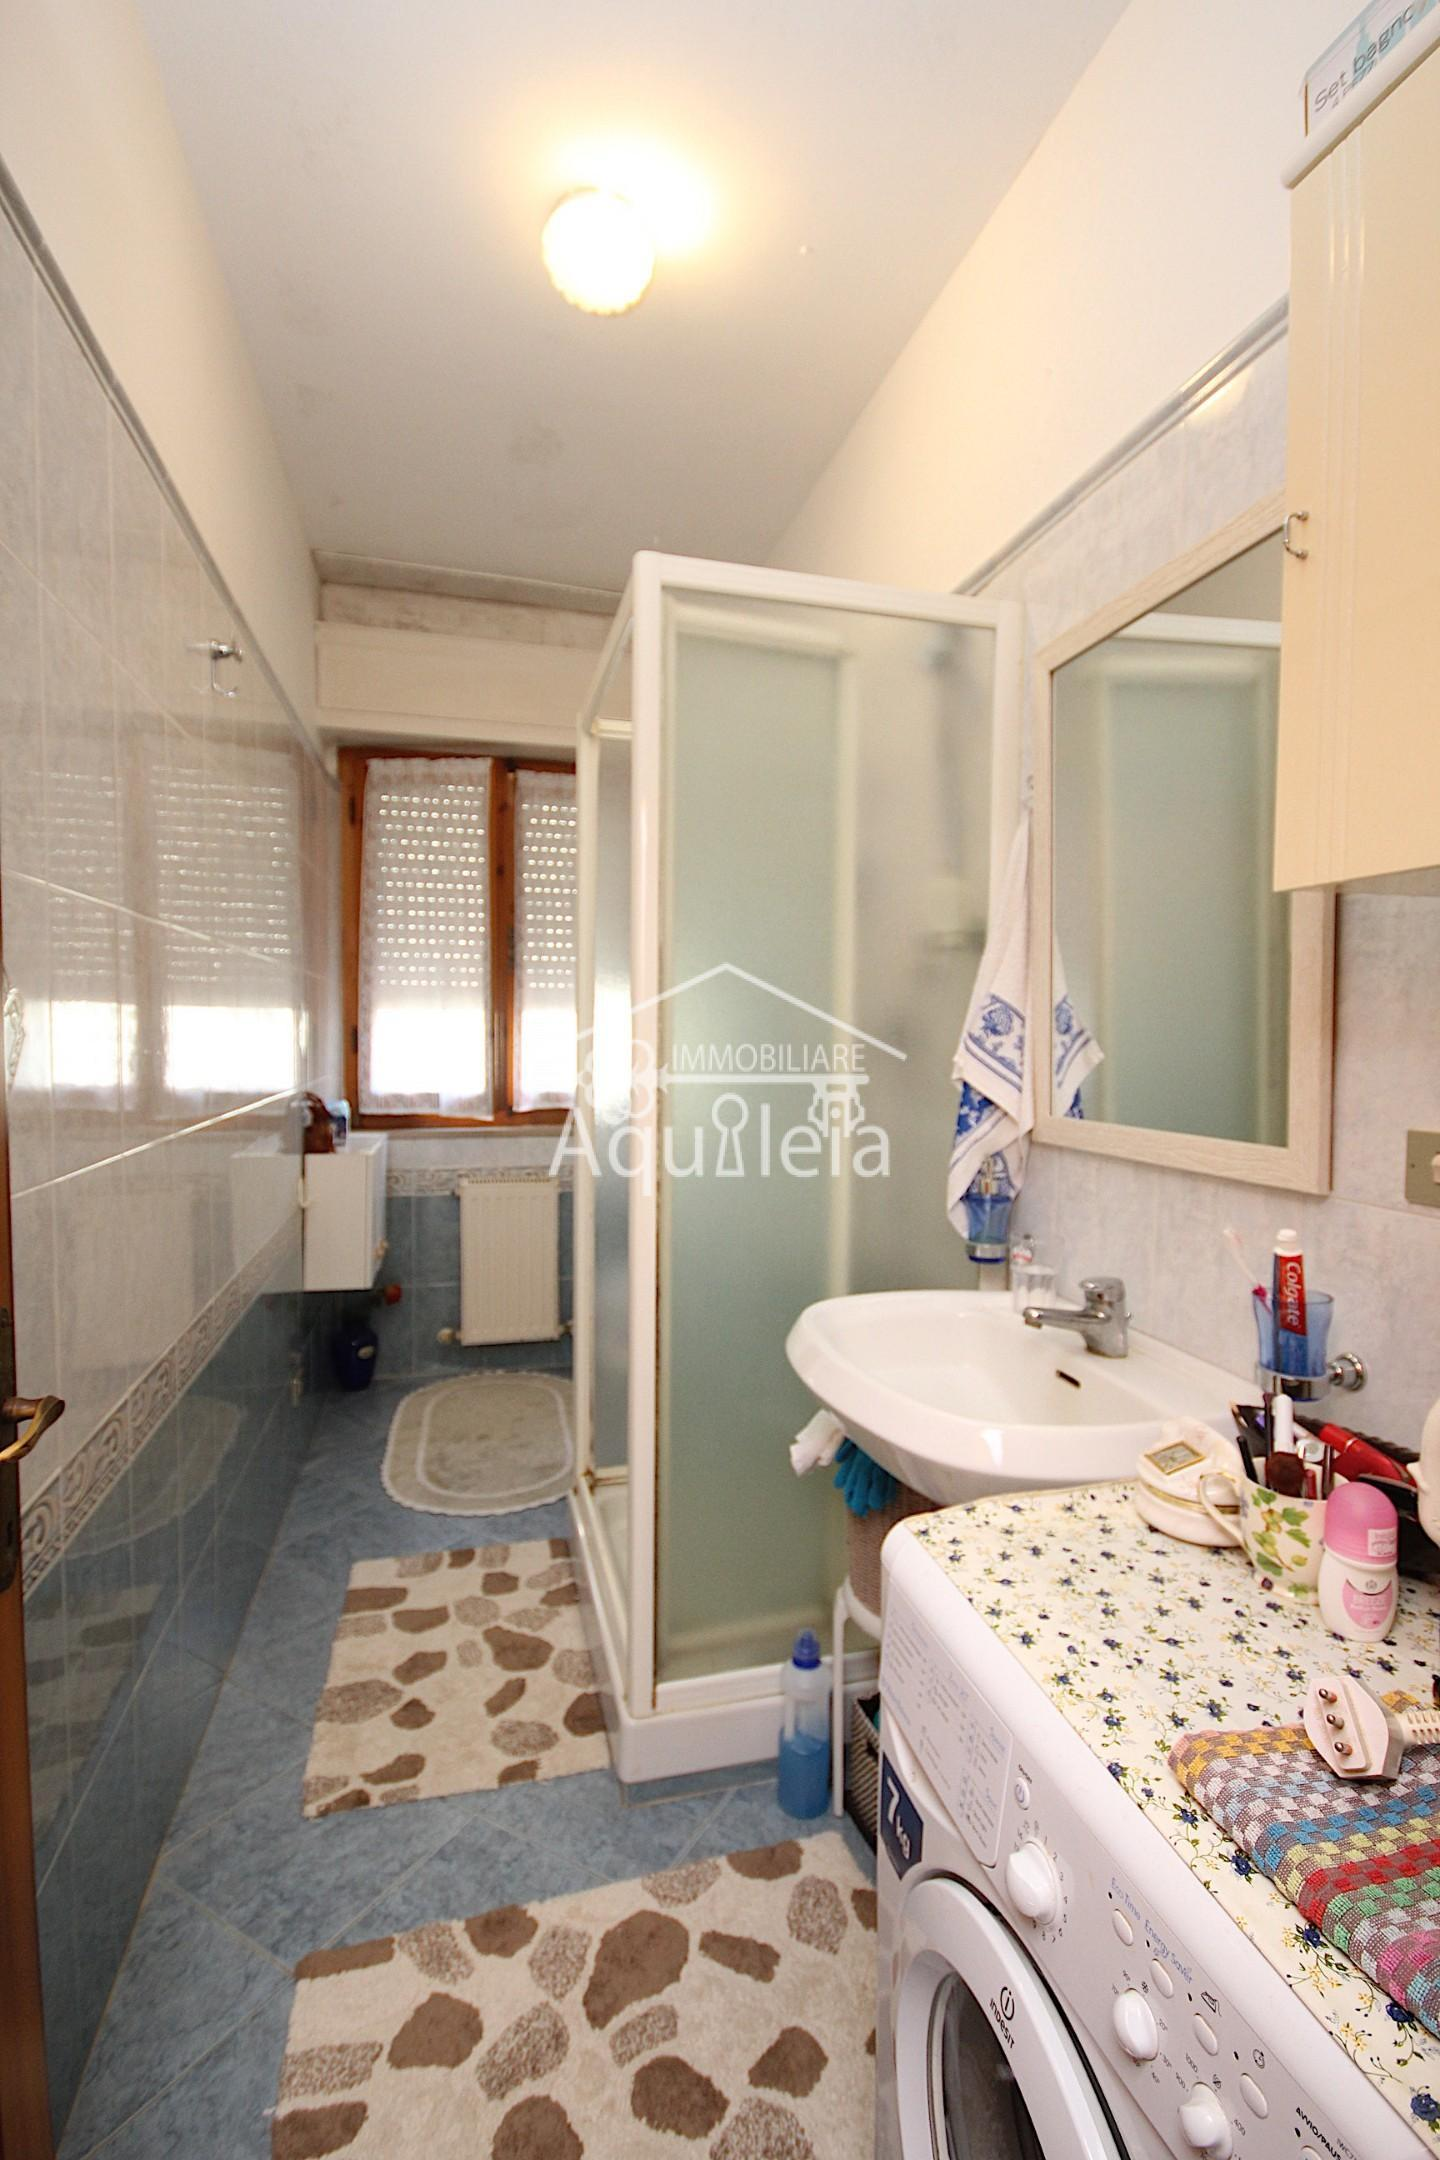 Appartamento in vendita, rif. AQ 1768 (2612777)